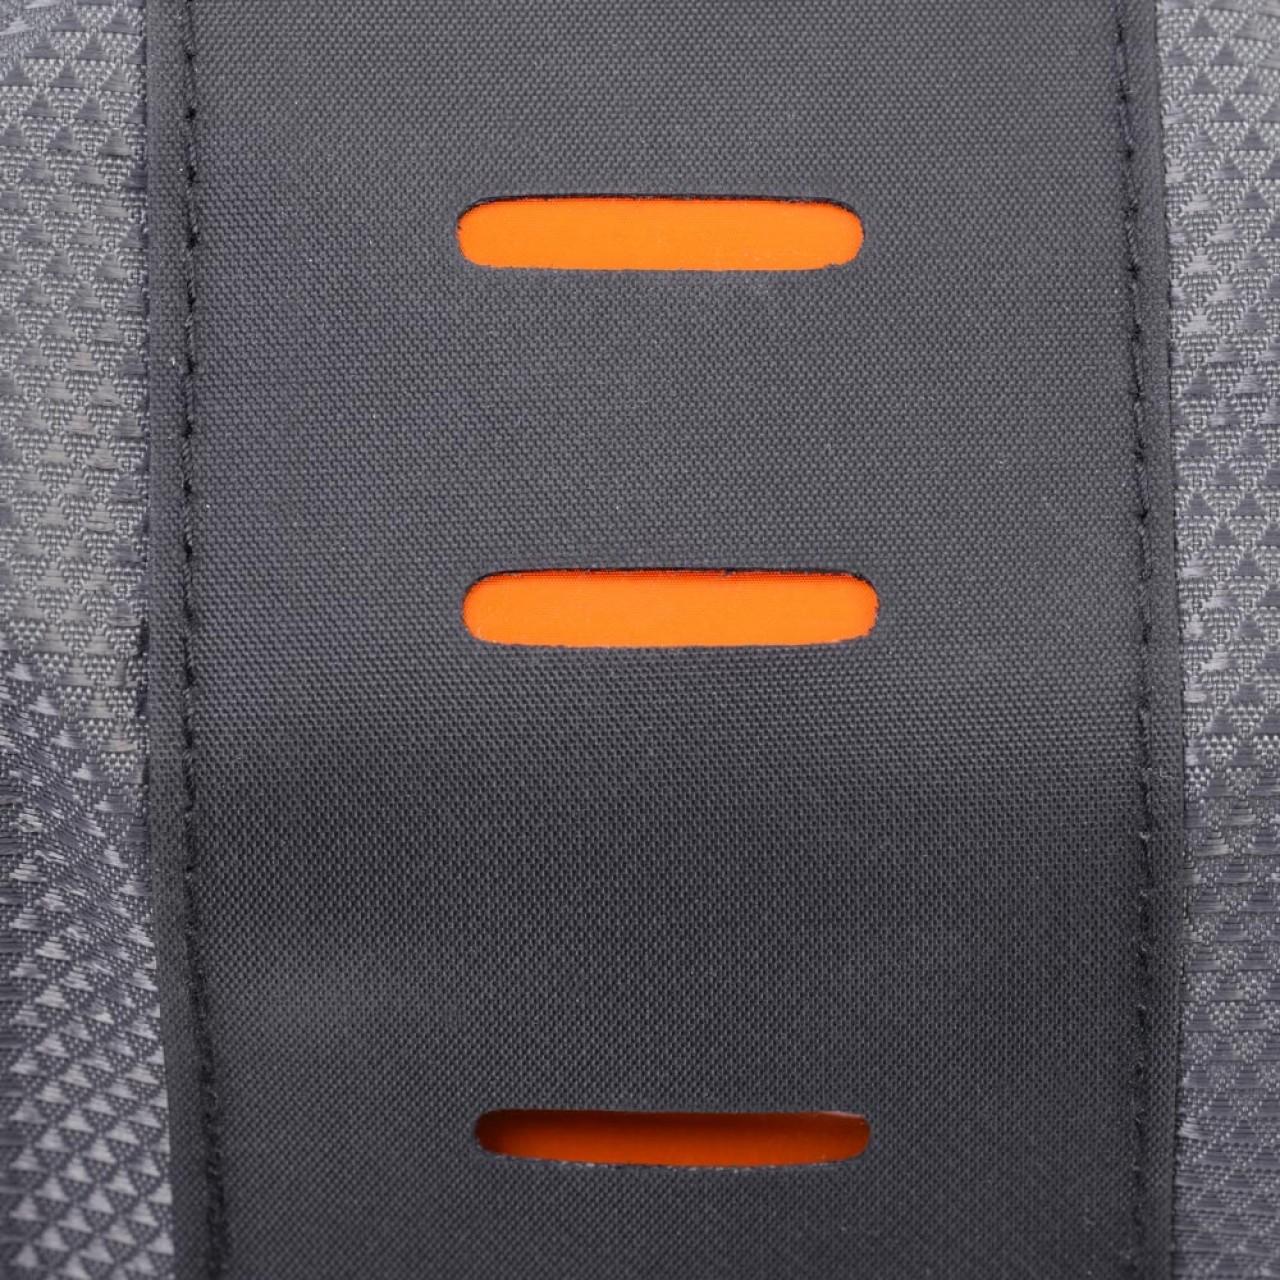 passport saddle pack satteltasche 64 90. Black Bedroom Furniture Sets. Home Design Ideas